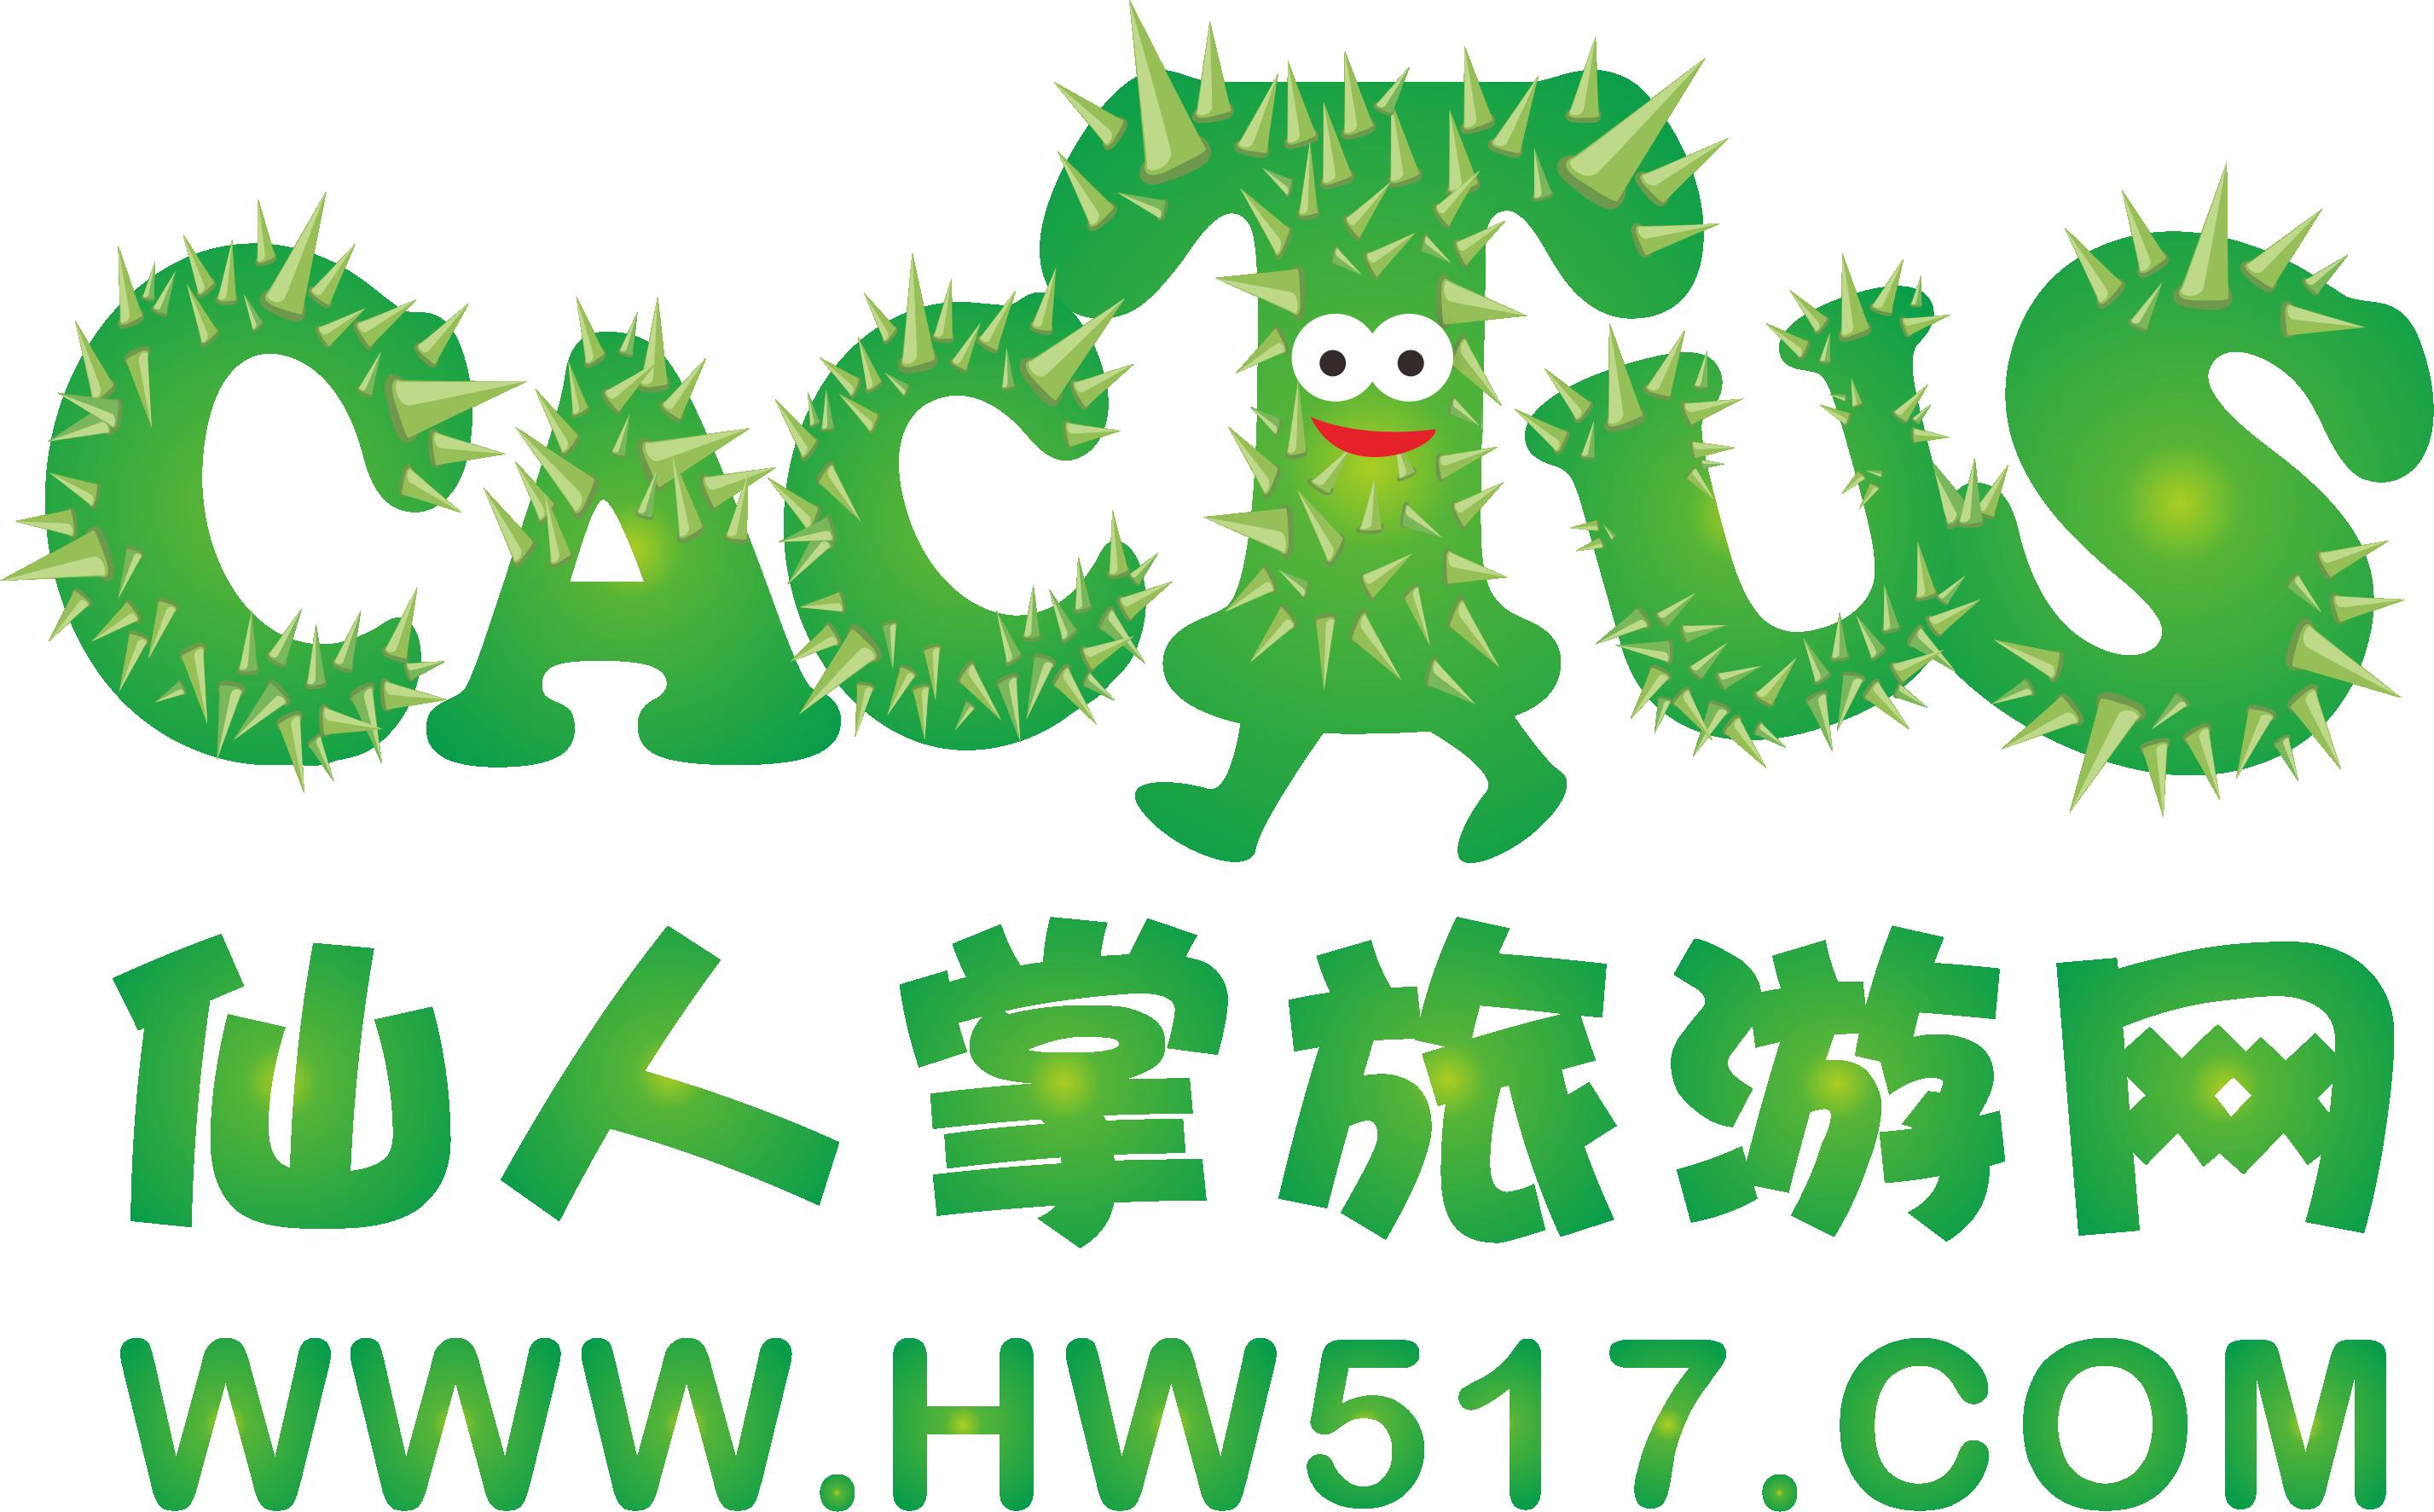 【新春.悠品】张家口、坝上、北京古北水镇一高一飞五日游